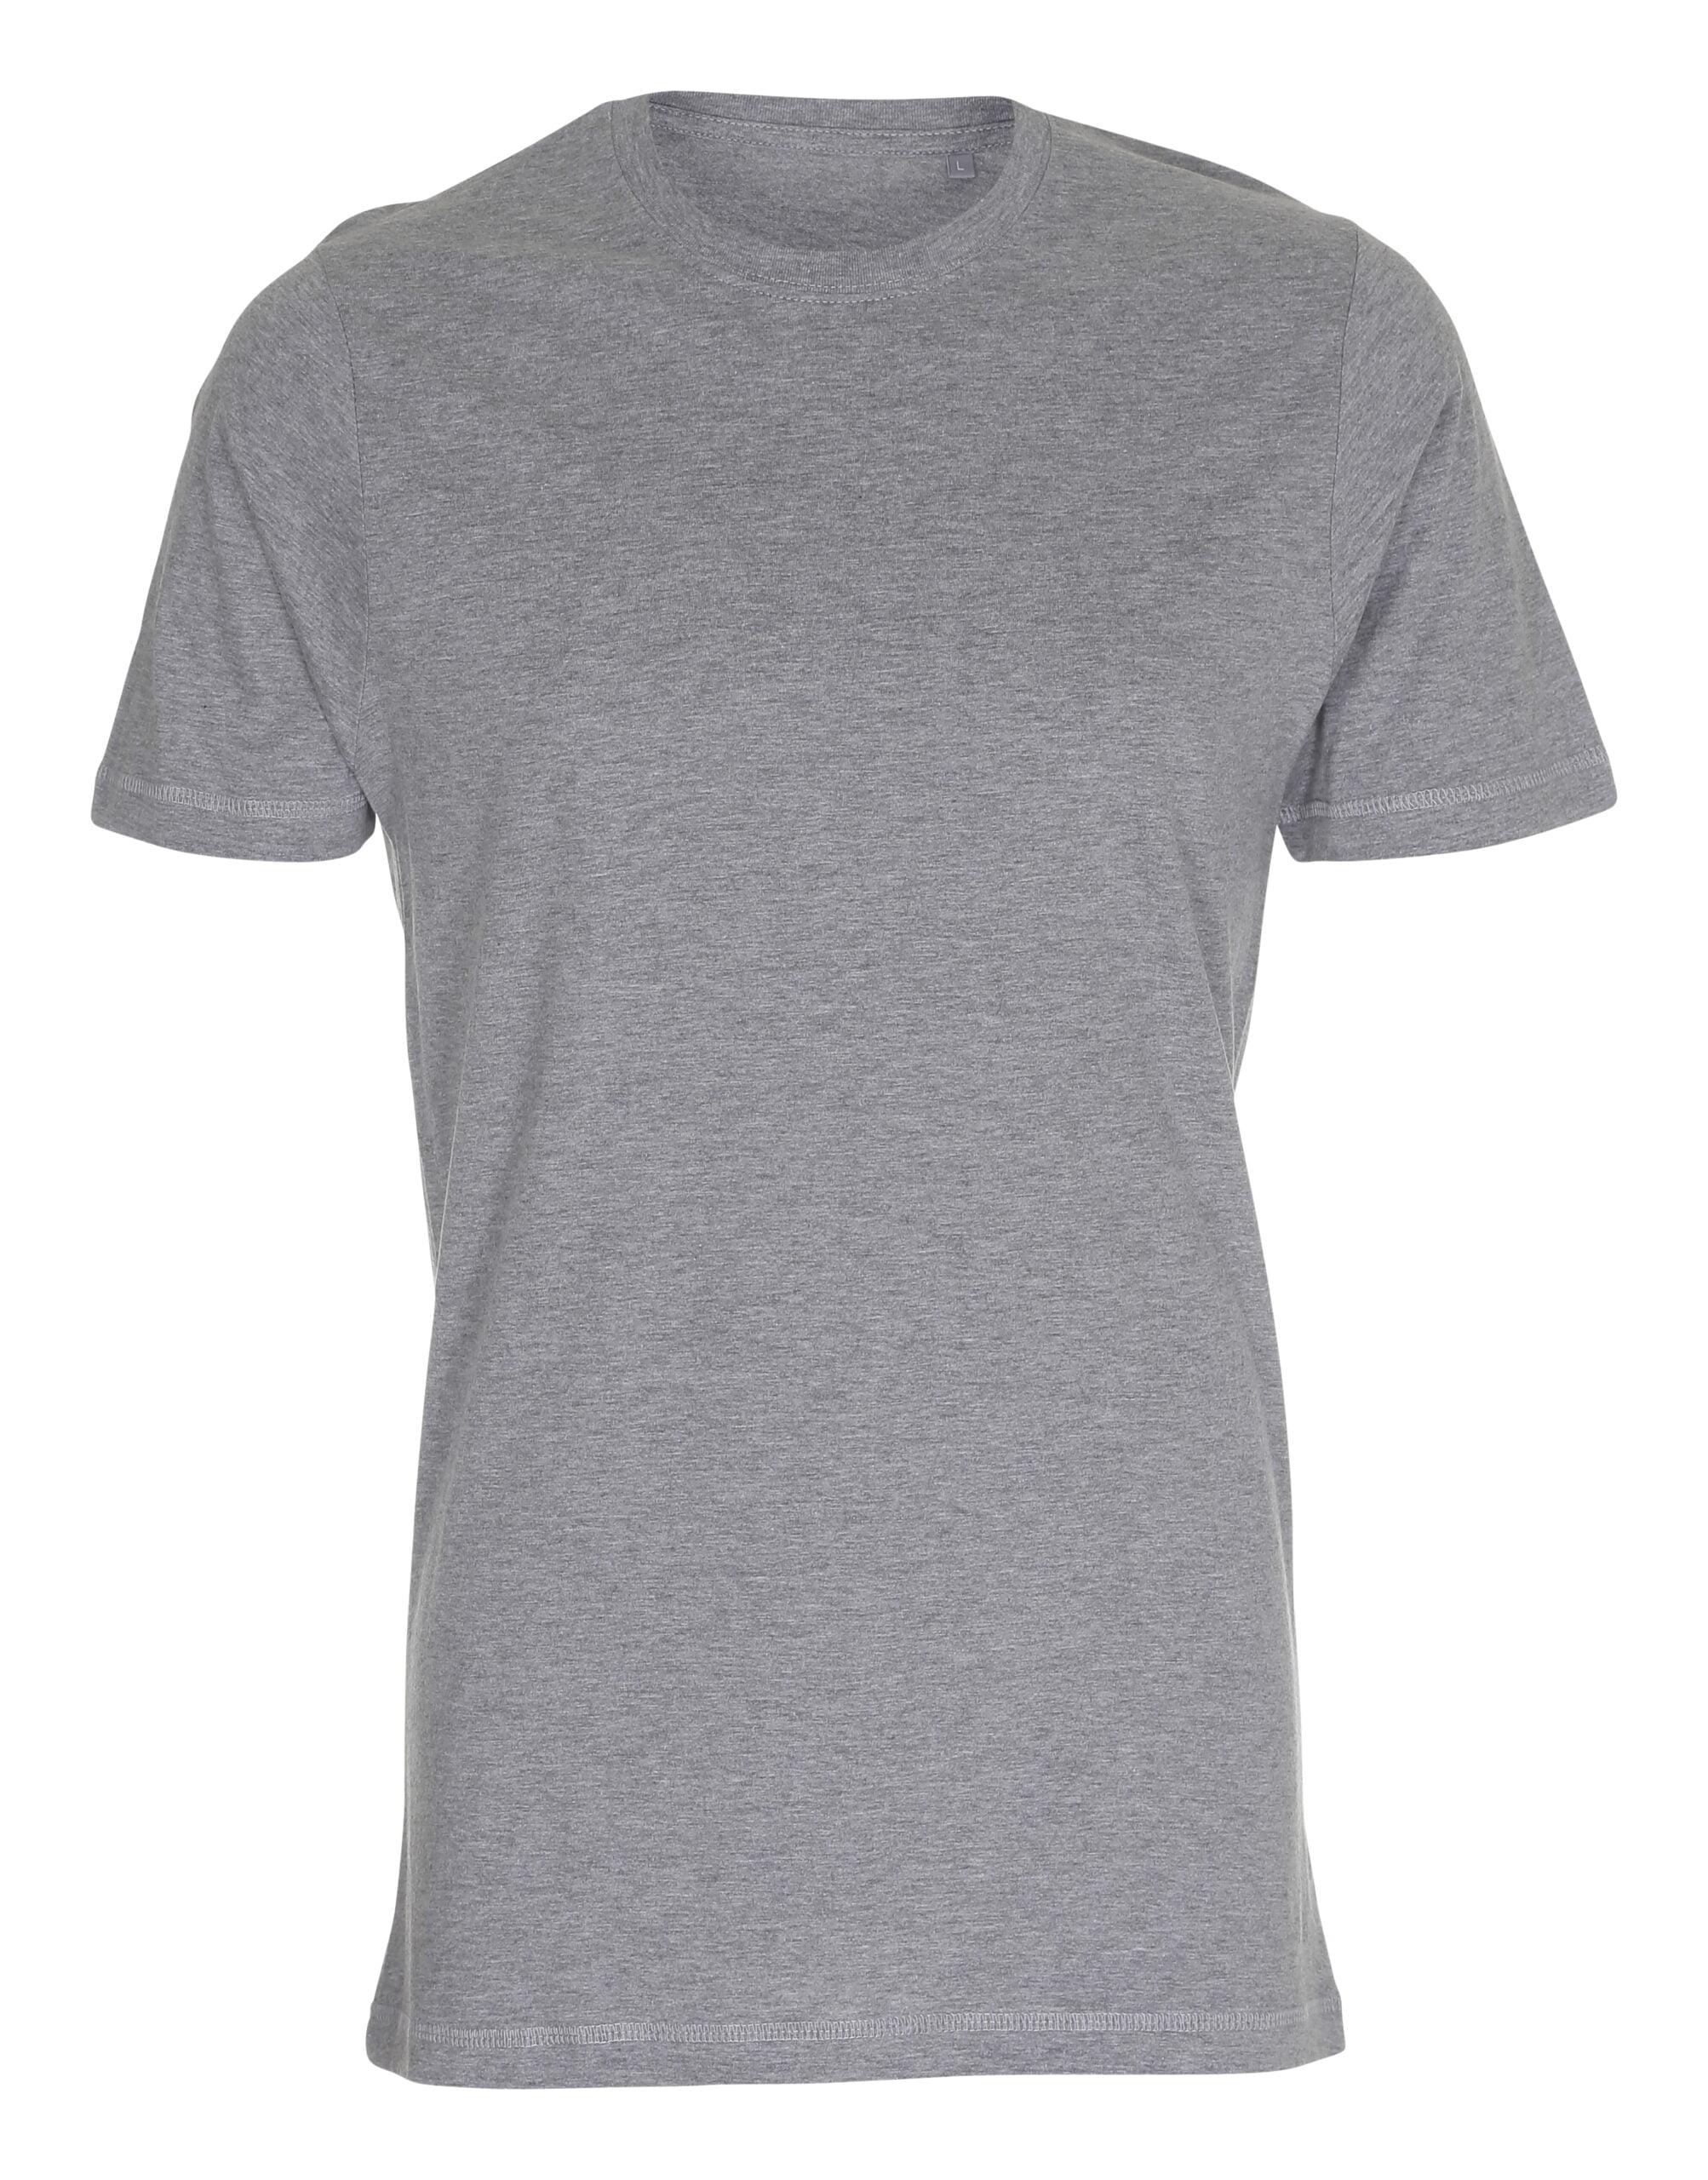 Xtreme Stretch T-shirt Oxford Grå